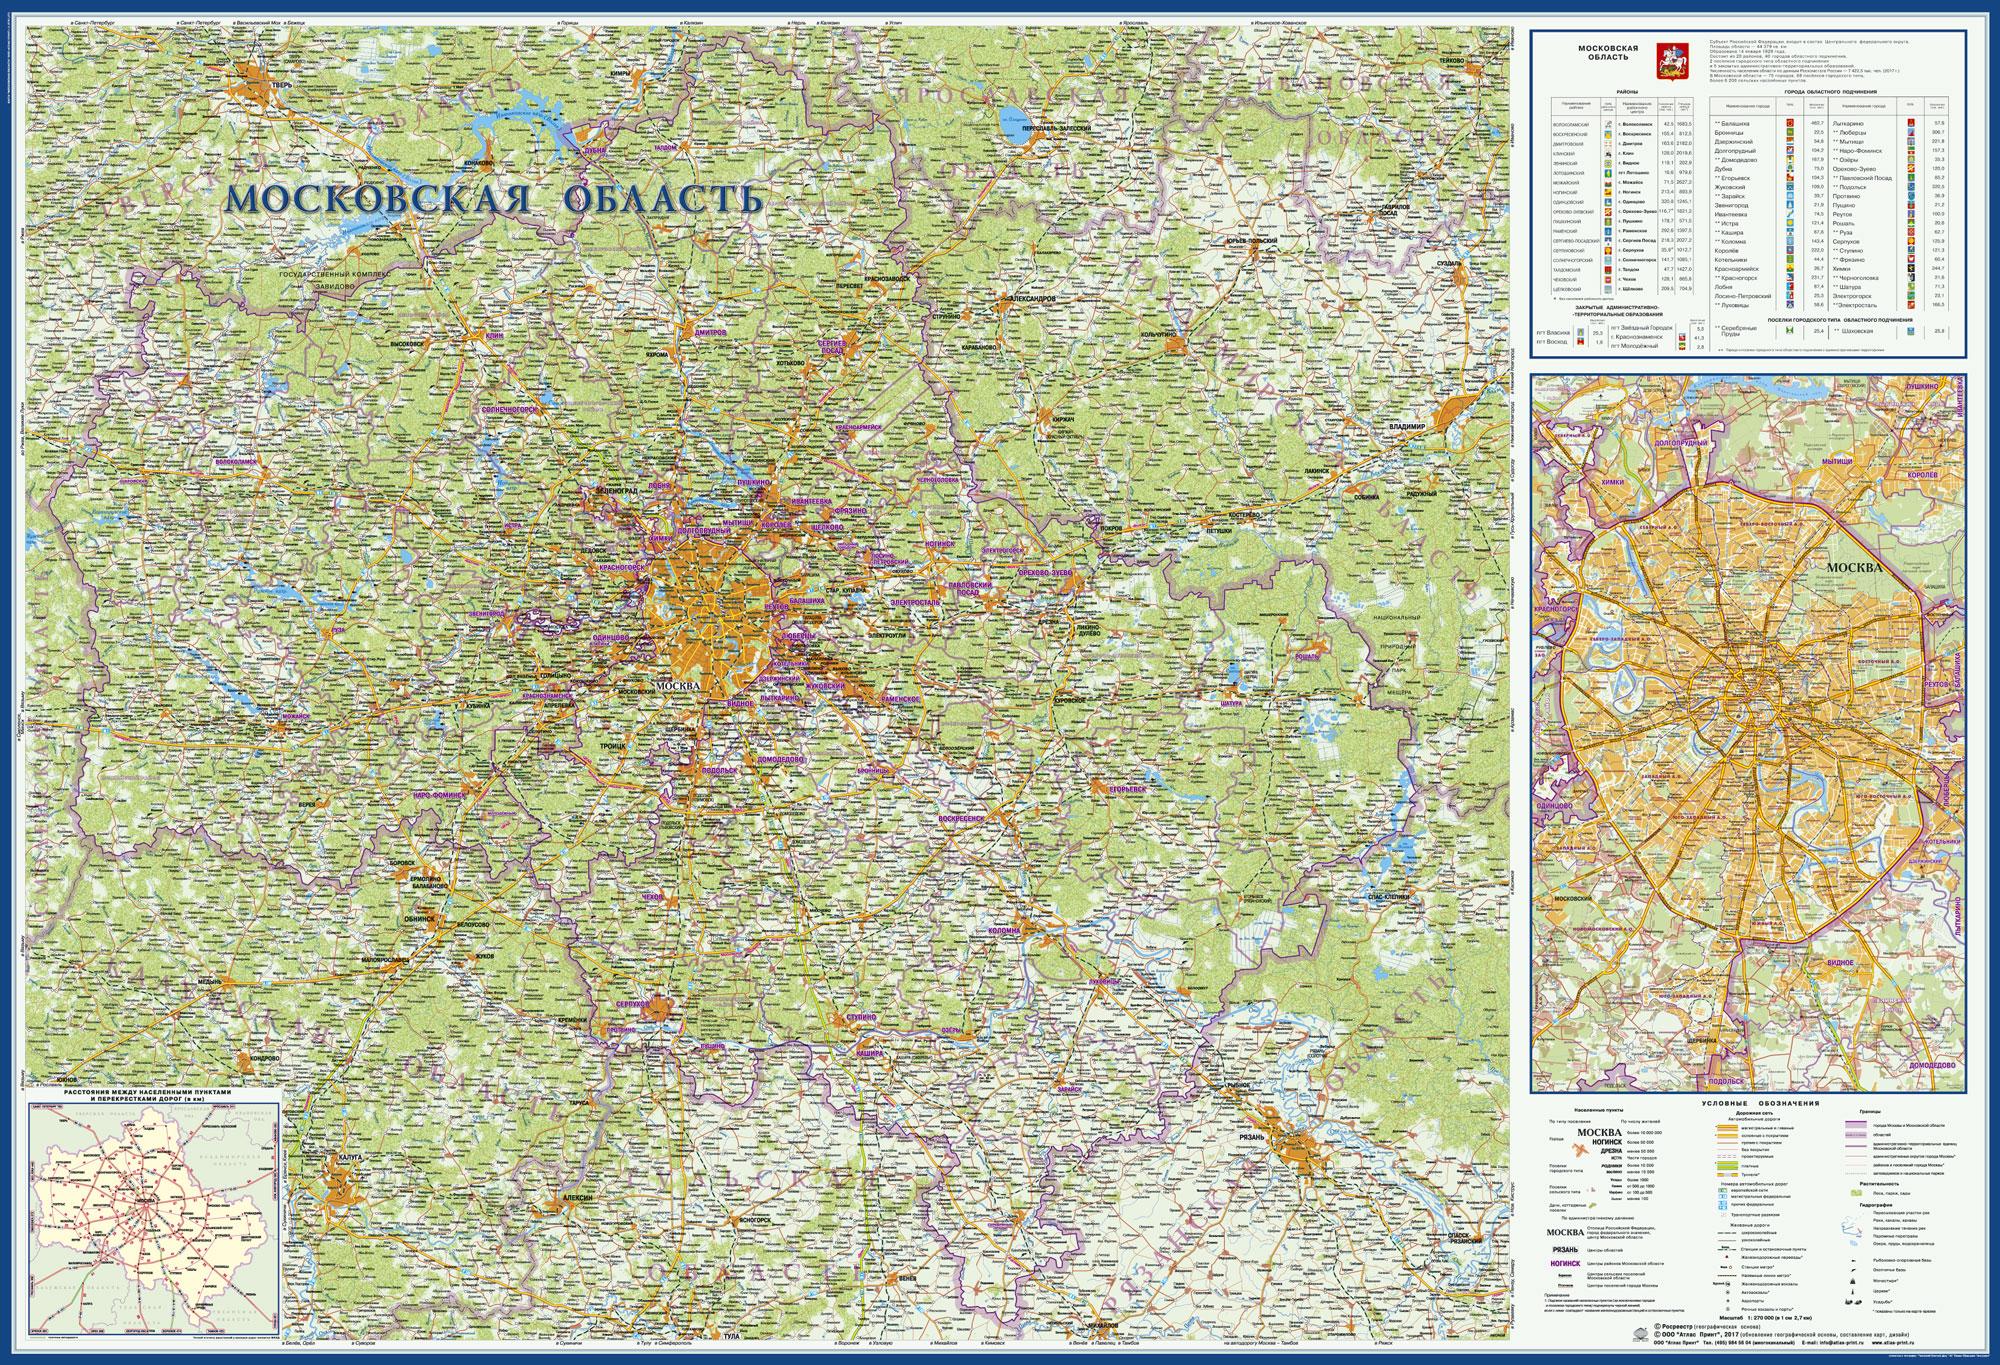 Настенная географическая карта Московской области 1,57*1,07 м